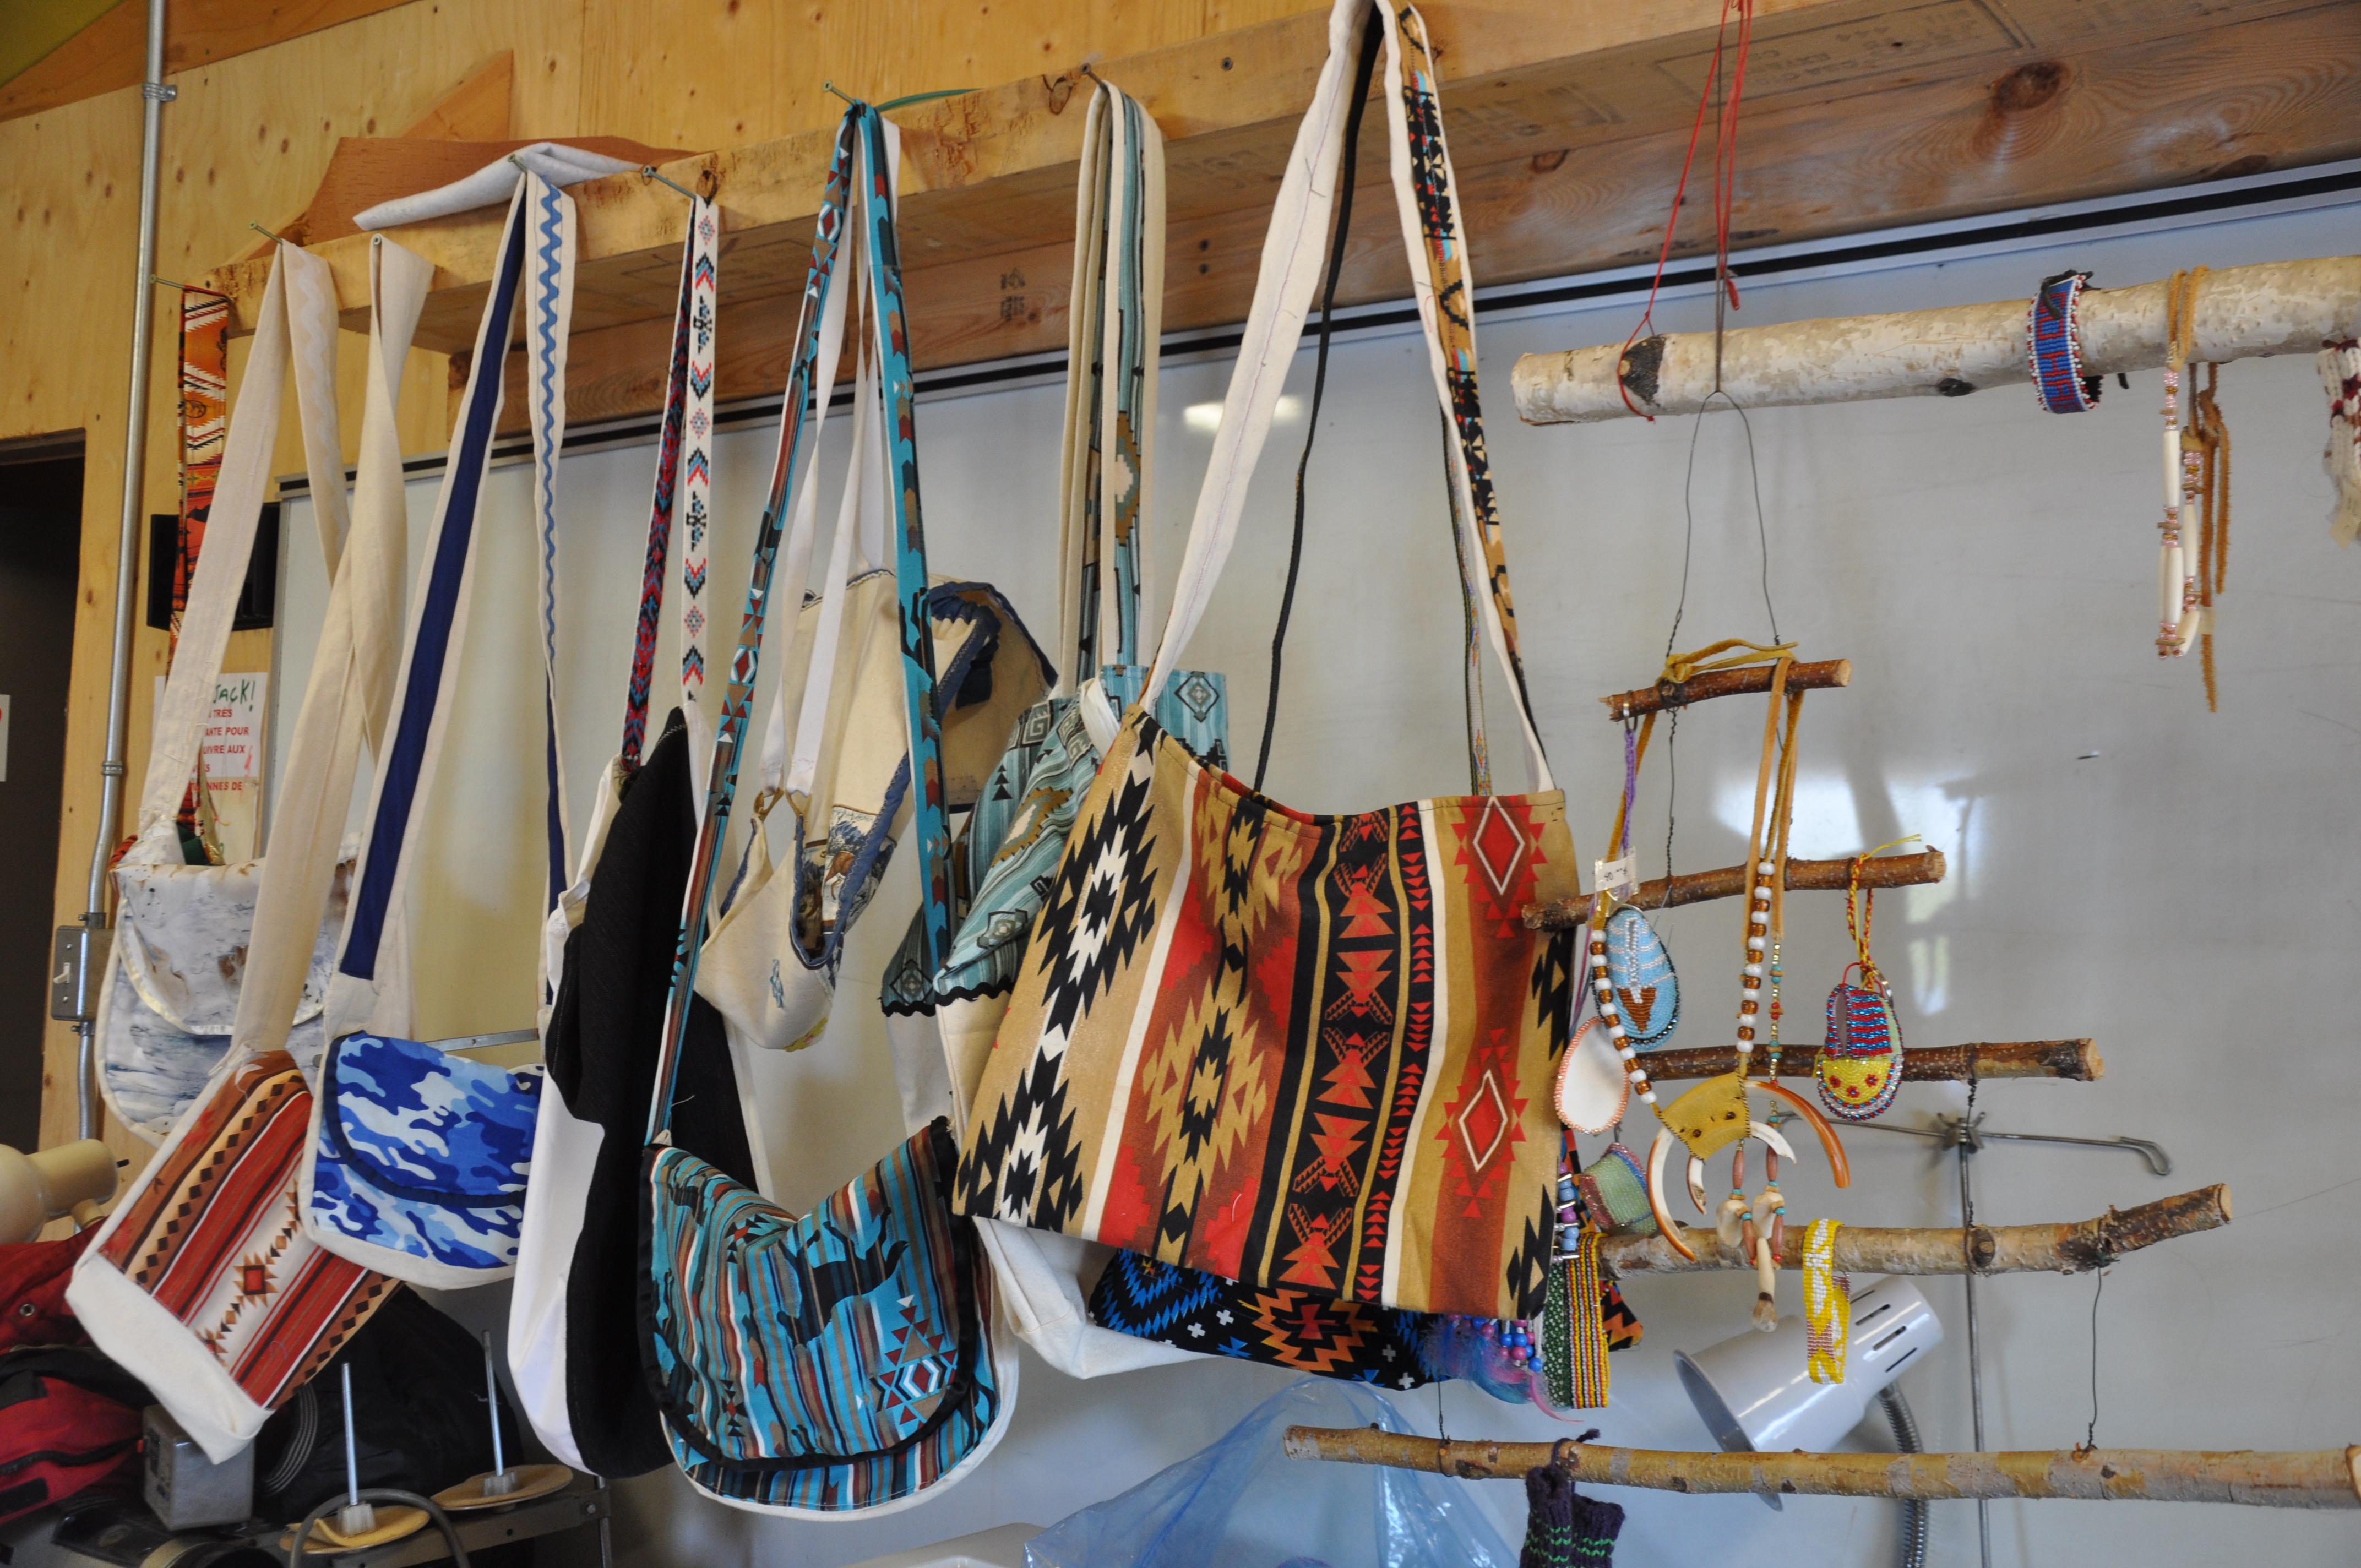 Kitcisakik autochtone communauté femmes couture artisanat culture